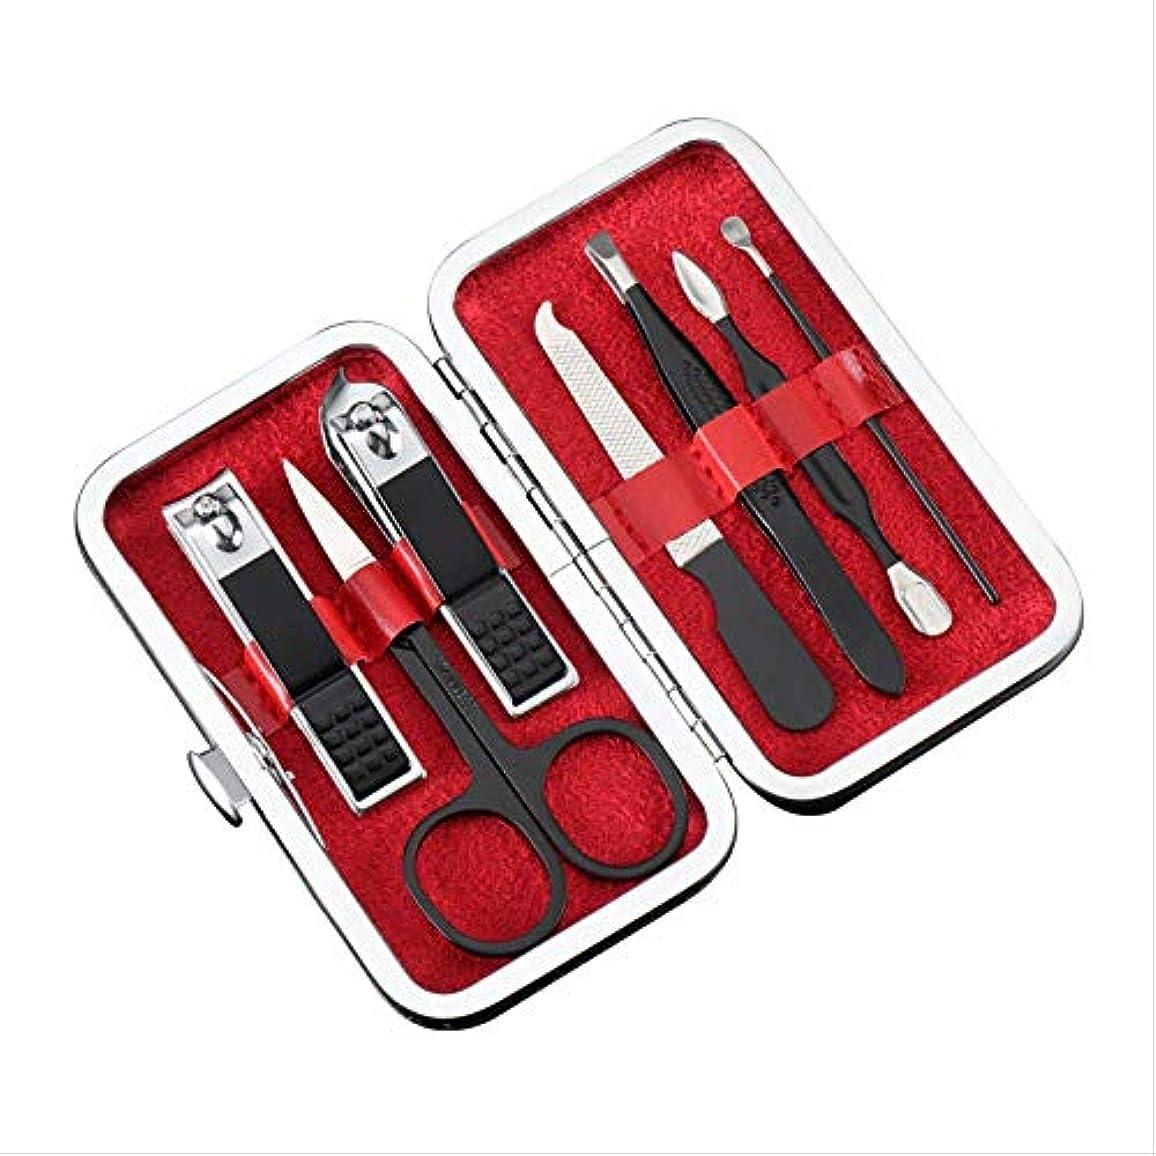 淡い驚くべき絶壁7点セット爪切り爪切り爪切りセット美容爪ツールキット 赤